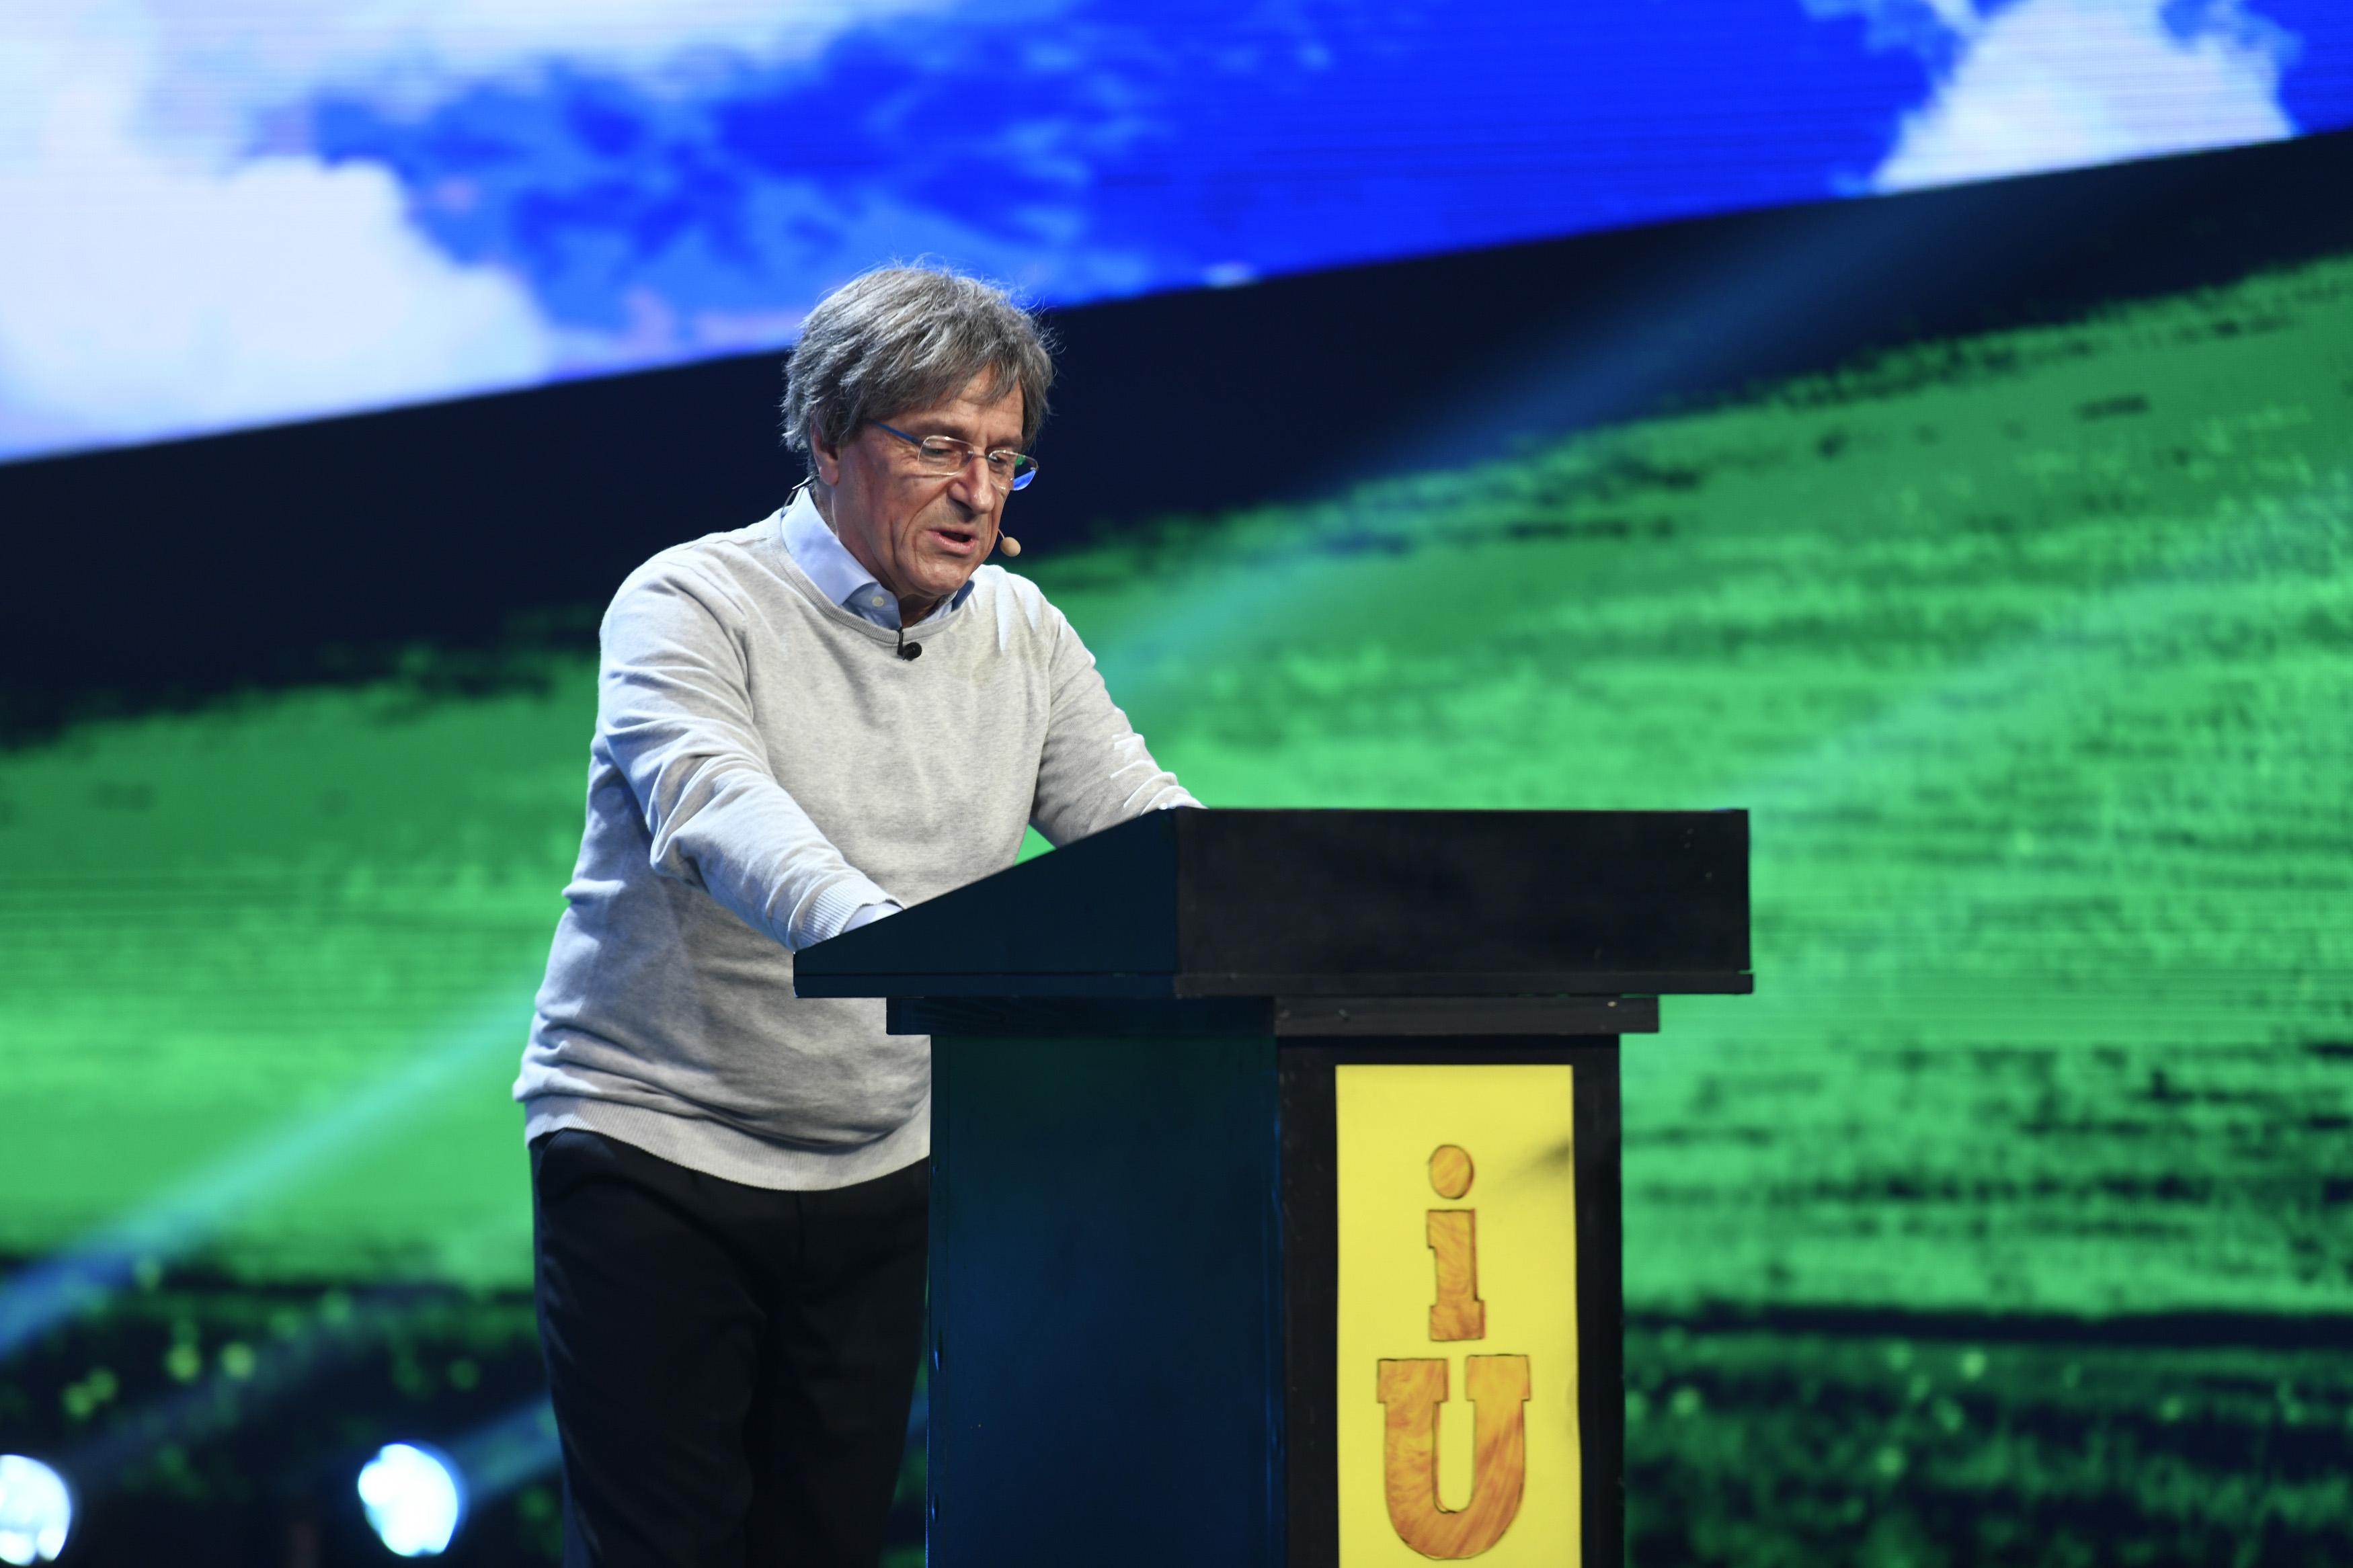 iUmor, 24 martie 2021. Cu cipul pregătit, Bill Gates ajunge pe scena iUmor pentru campania de promovare a vaccinului